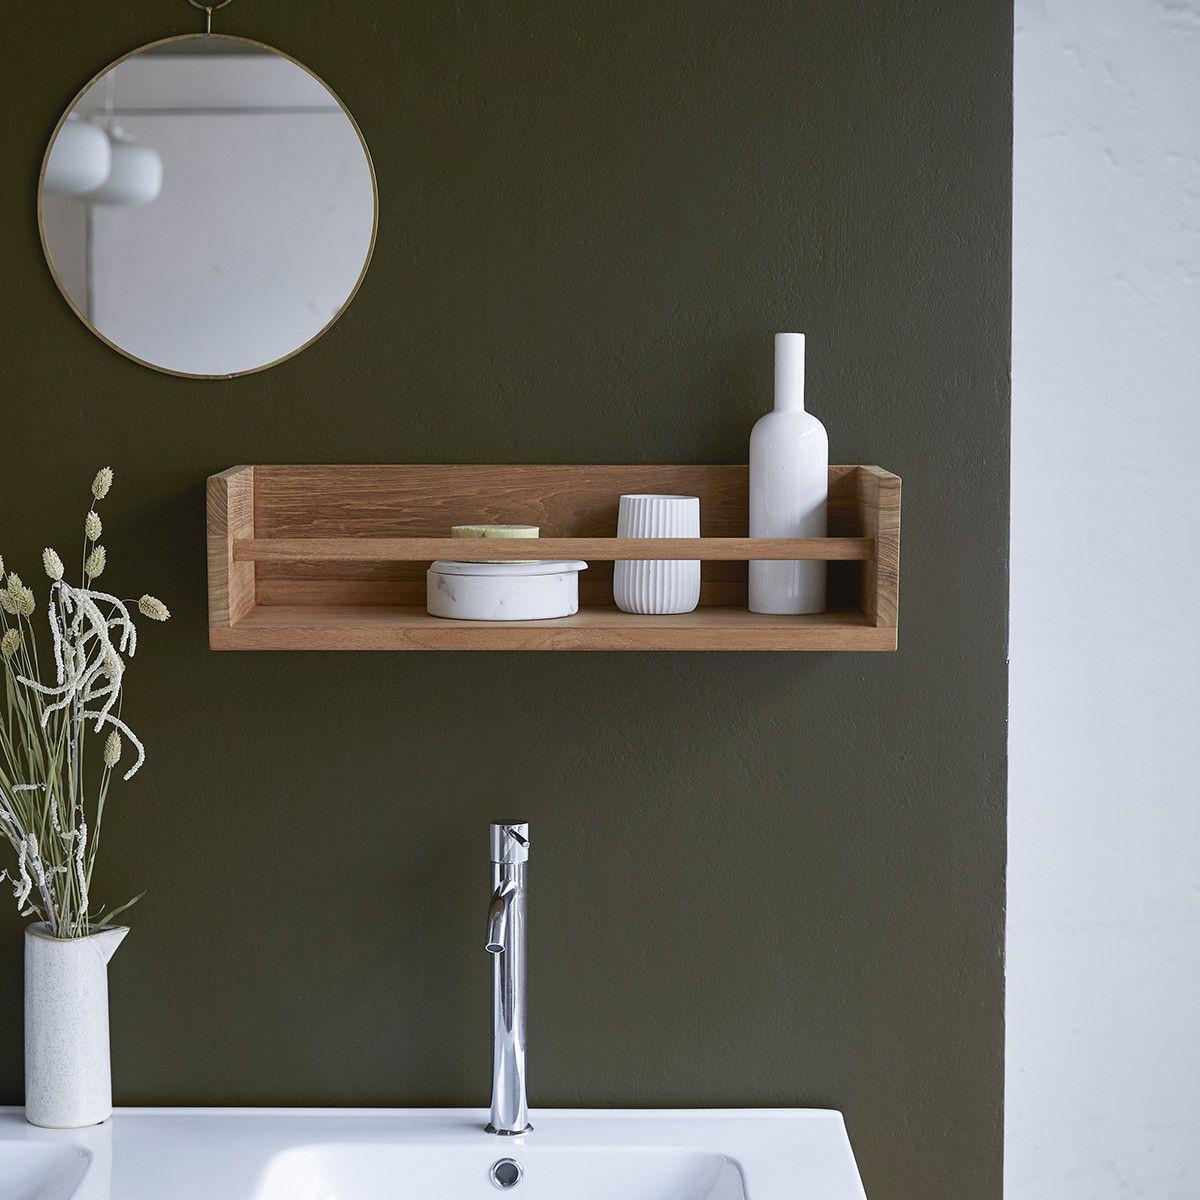 Ugo Teak Wood Bathroom Wall Shelf 60 In 2020 Teak Bathroom Wall